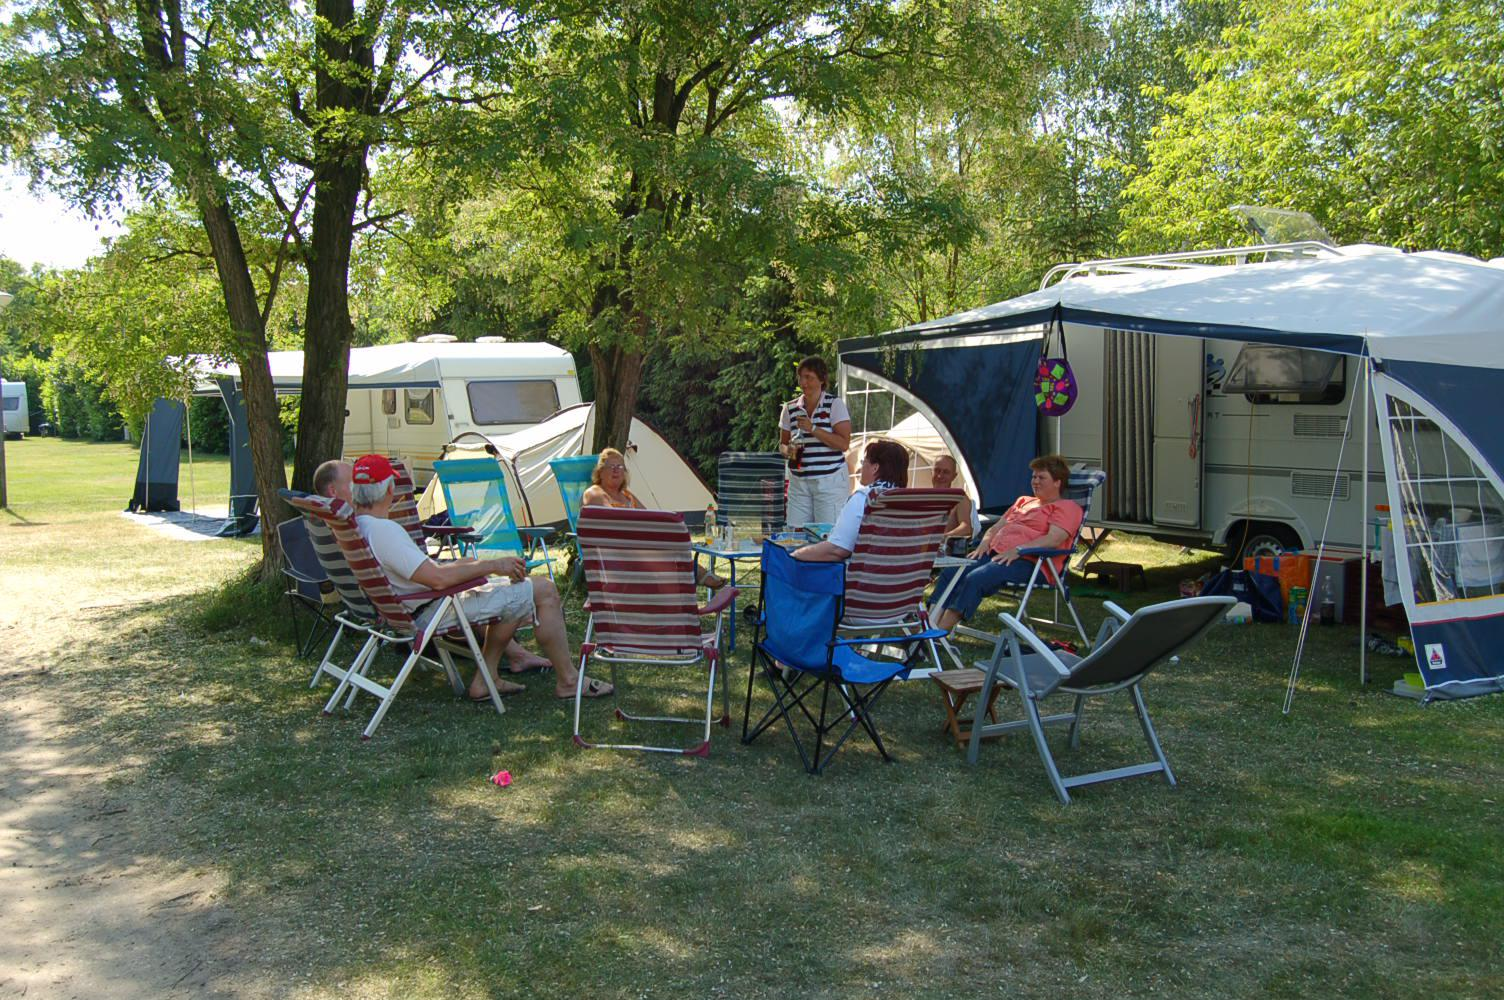 Glamping, Camping, De Oude Barrier, kamperen, safaritenten, kindvriendelijk, zwembad, Venray, Limburg, huren, natuur, Oorlogsmuseum, Toverland